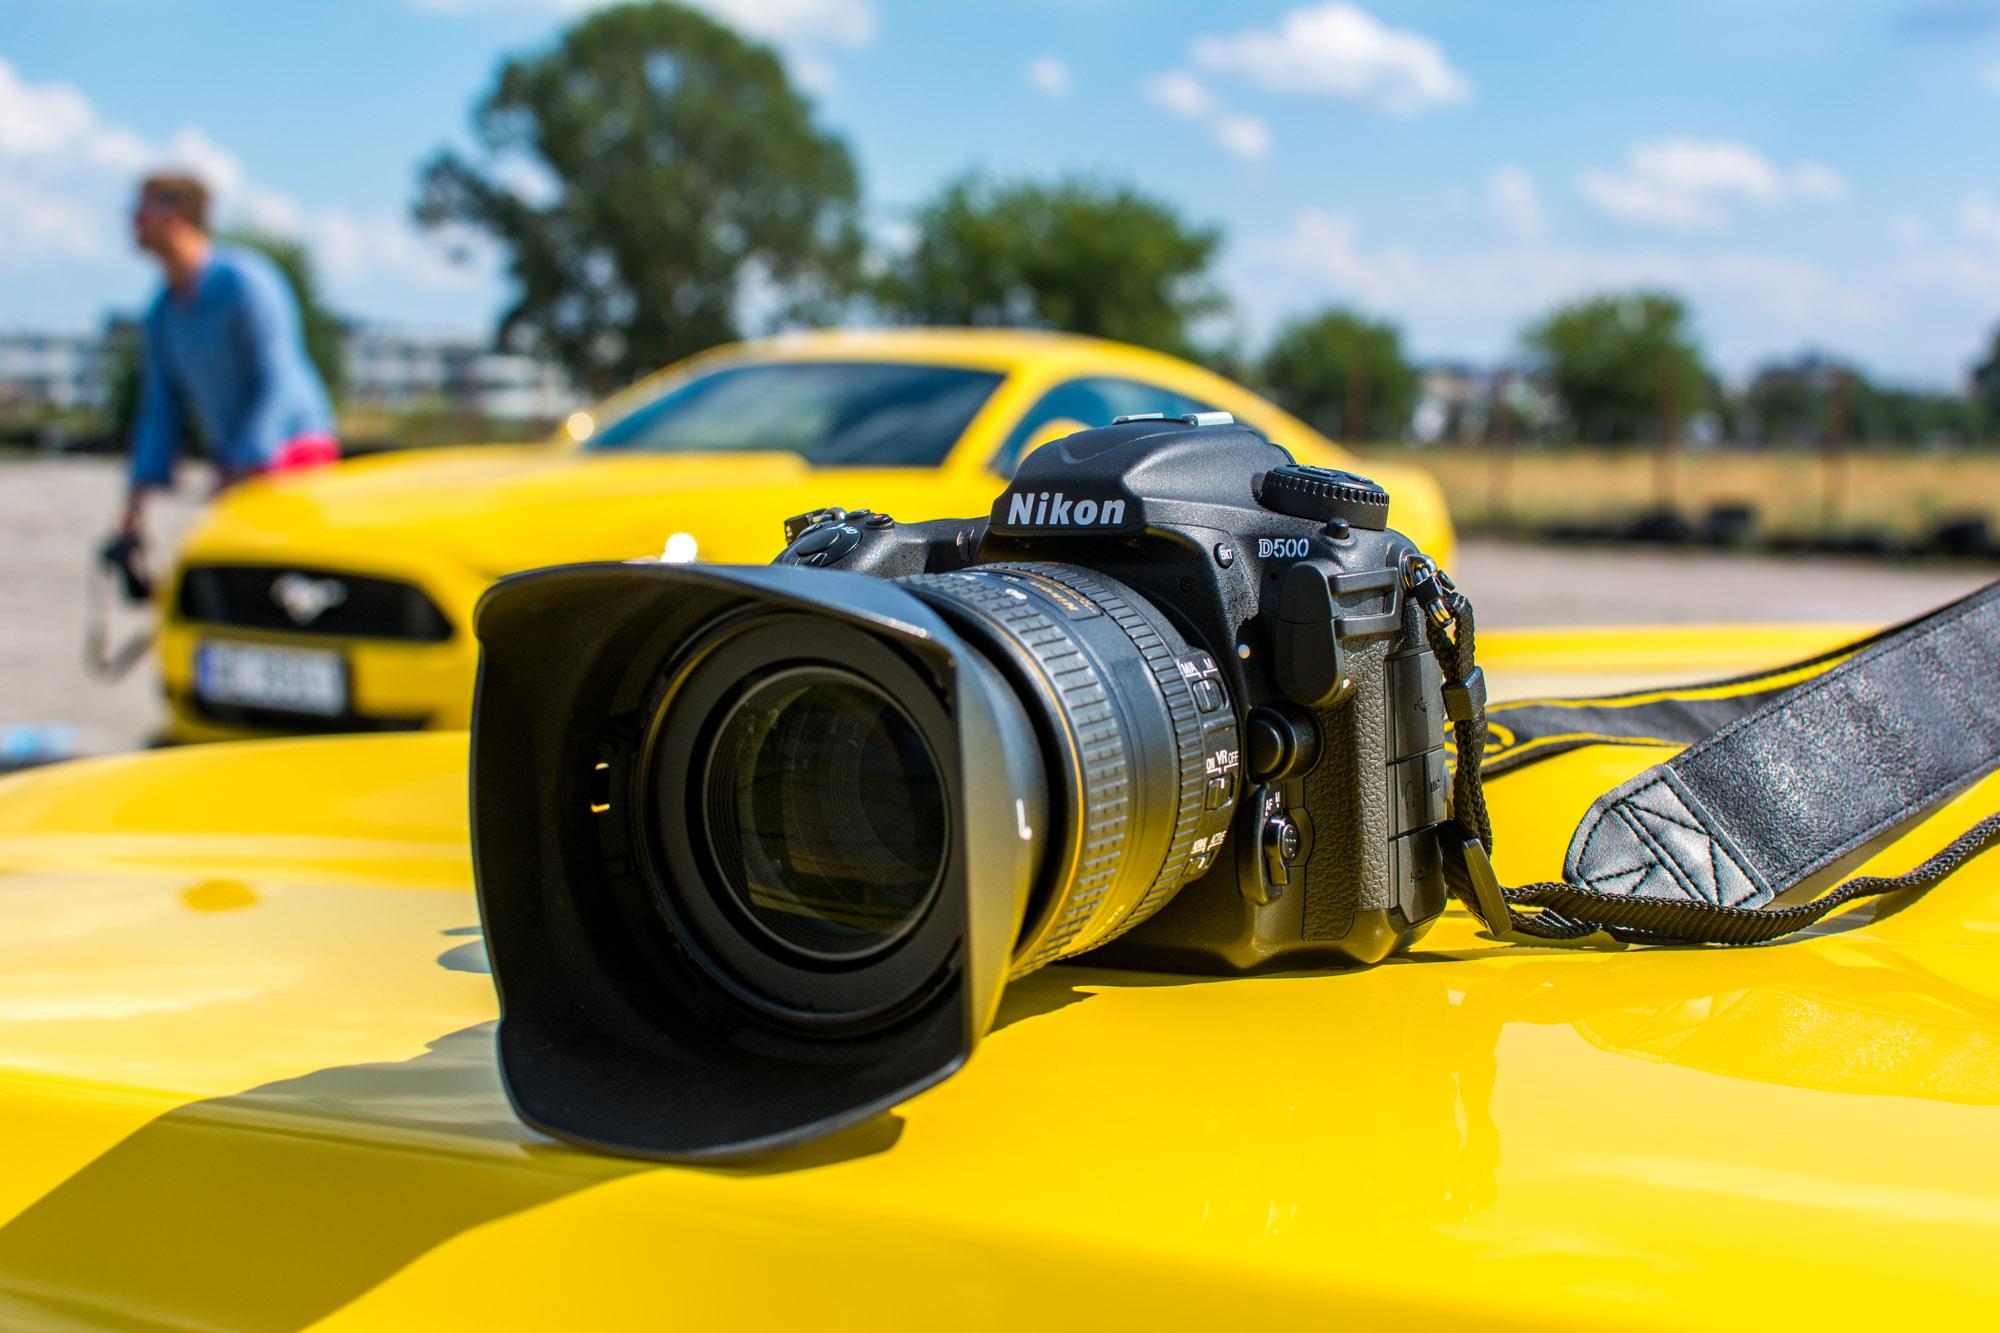 Nikon-D500-pierwsze-wrazenia-2